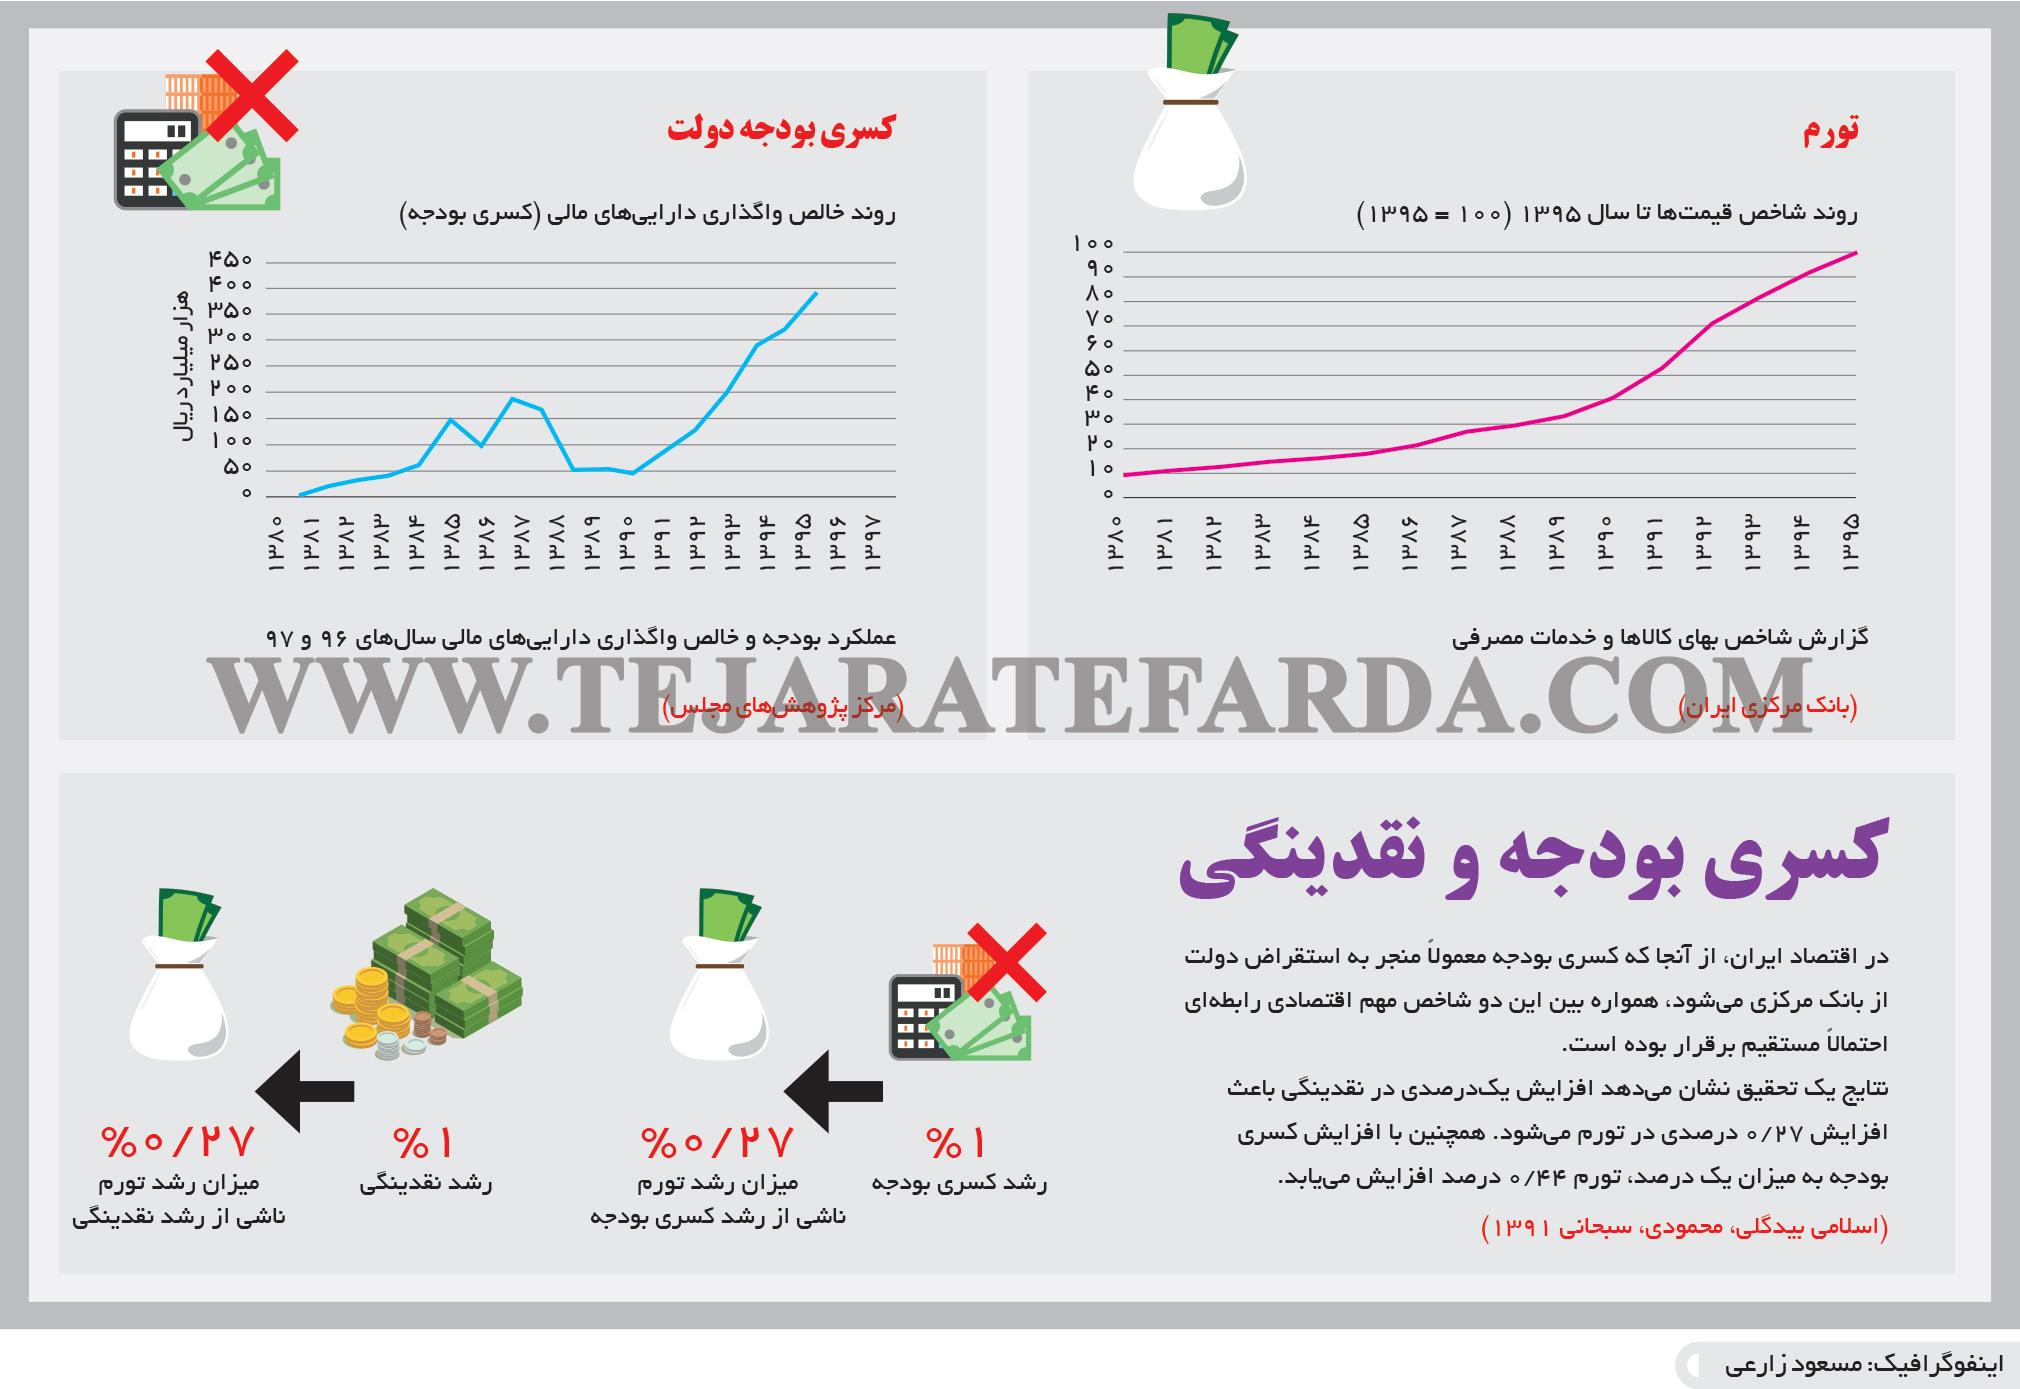 تجارت- فردا- کسری بودجه و نقدینگی(اینفوگرافیک)